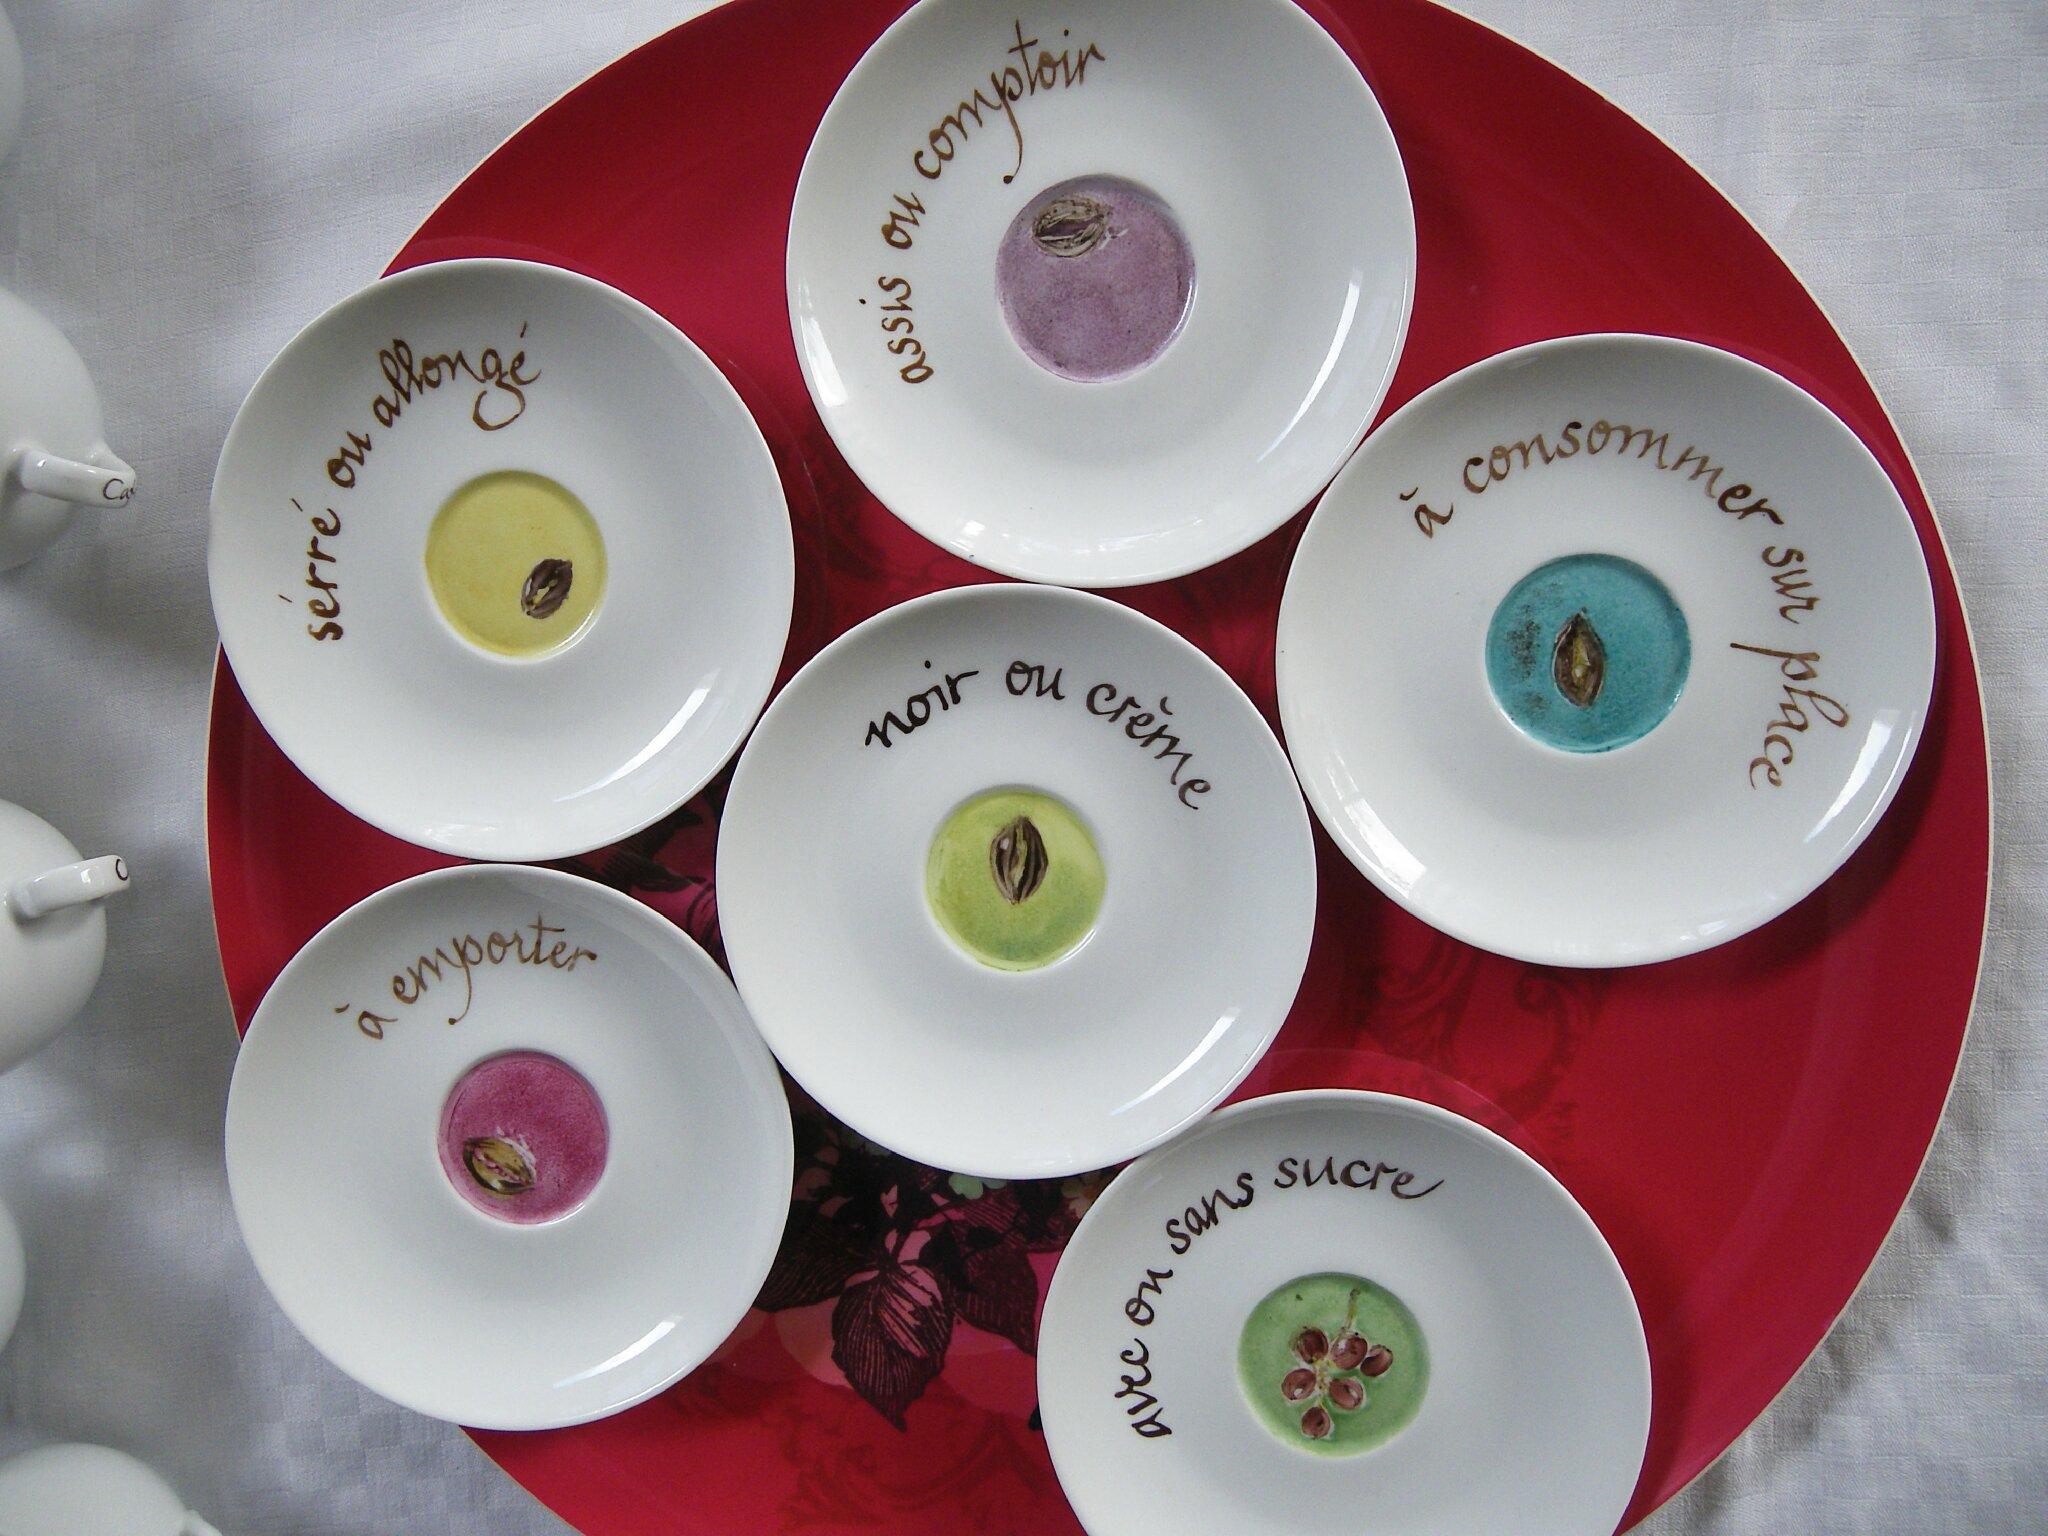 D coration sur porcelaine tous les messages sur for Decoration sur porcelaine